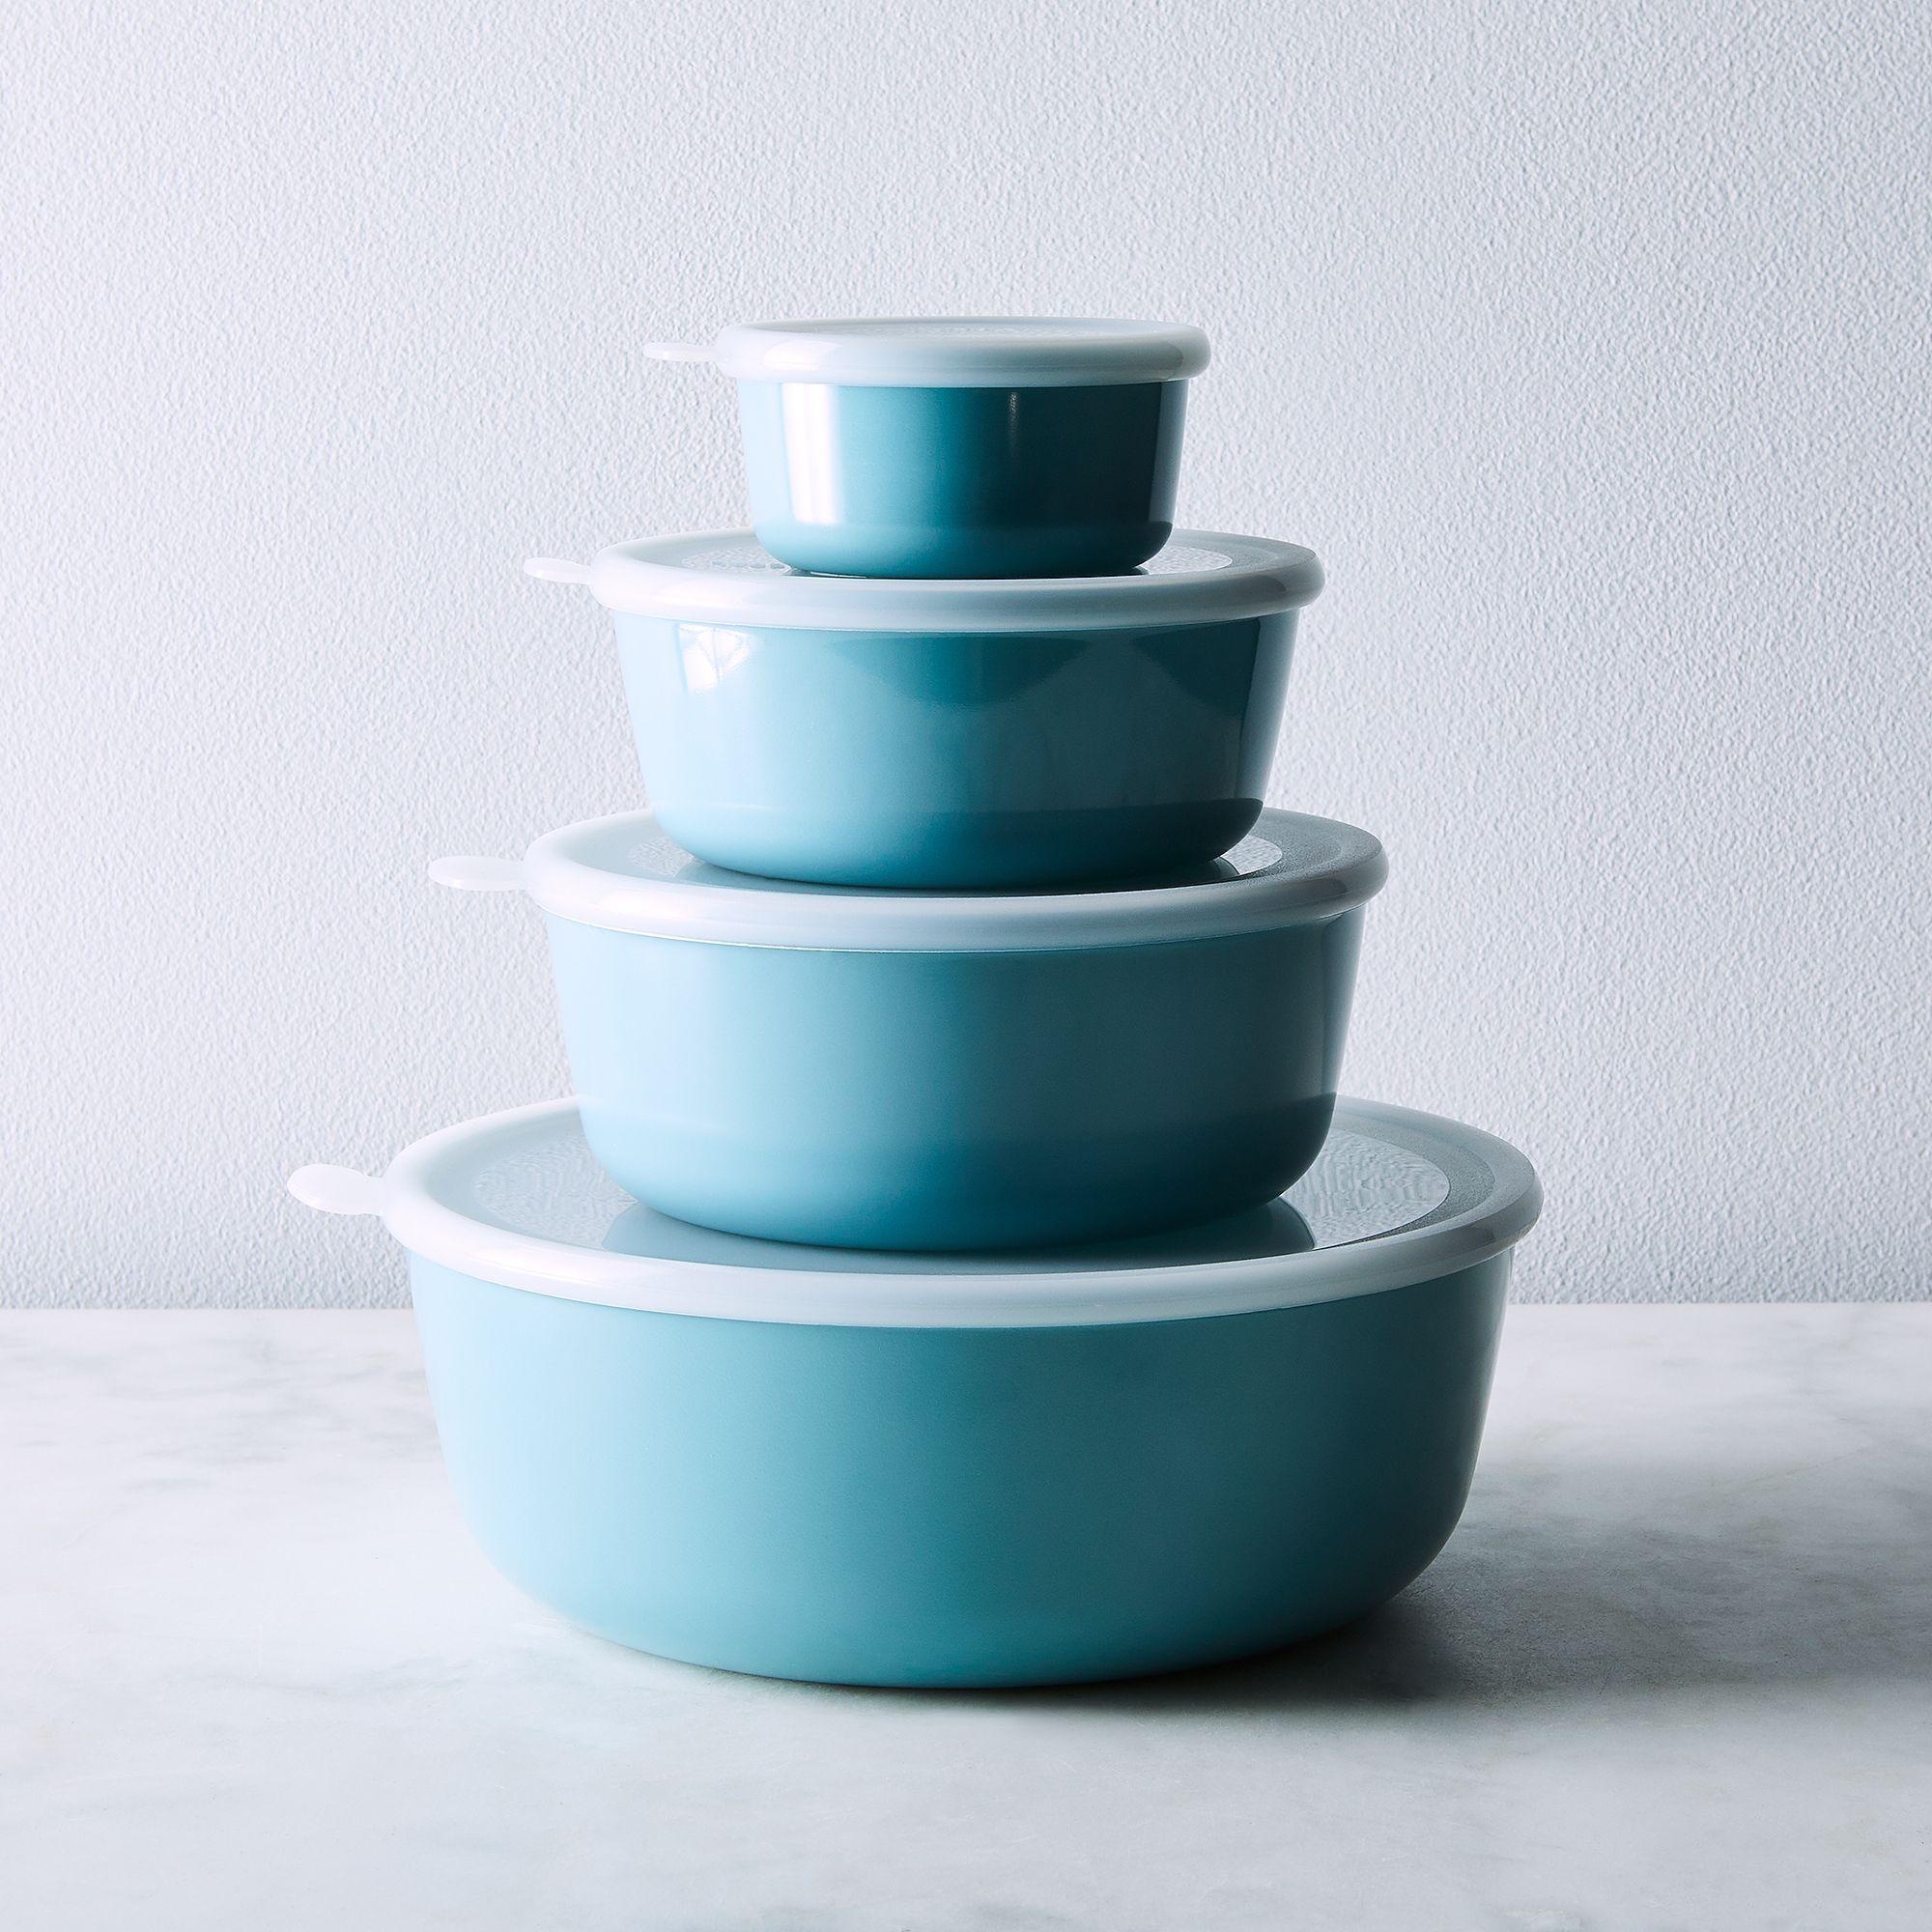 Kitchenware by M Alison Eisendrath